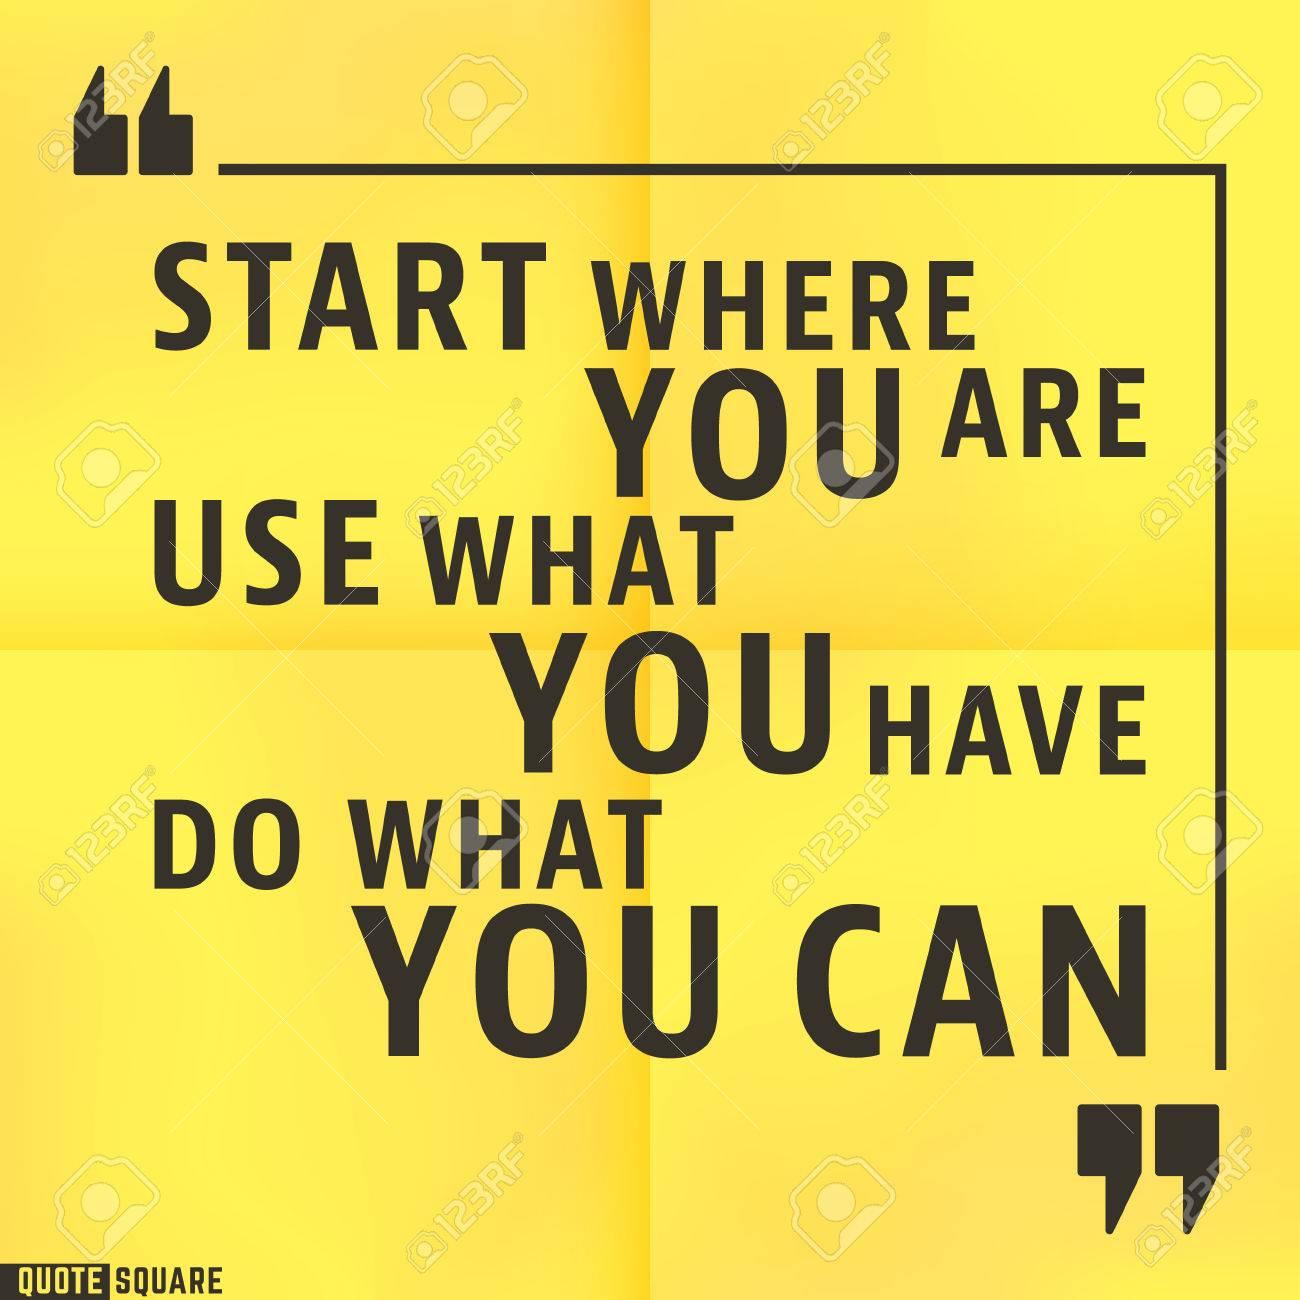 Citation Modèle De Motivation Square Citations Inspirantes Text Speech Bubble Commencez Où Vous êtes Utilisez Ce Que Vous Avez Faites Ce Que Vous